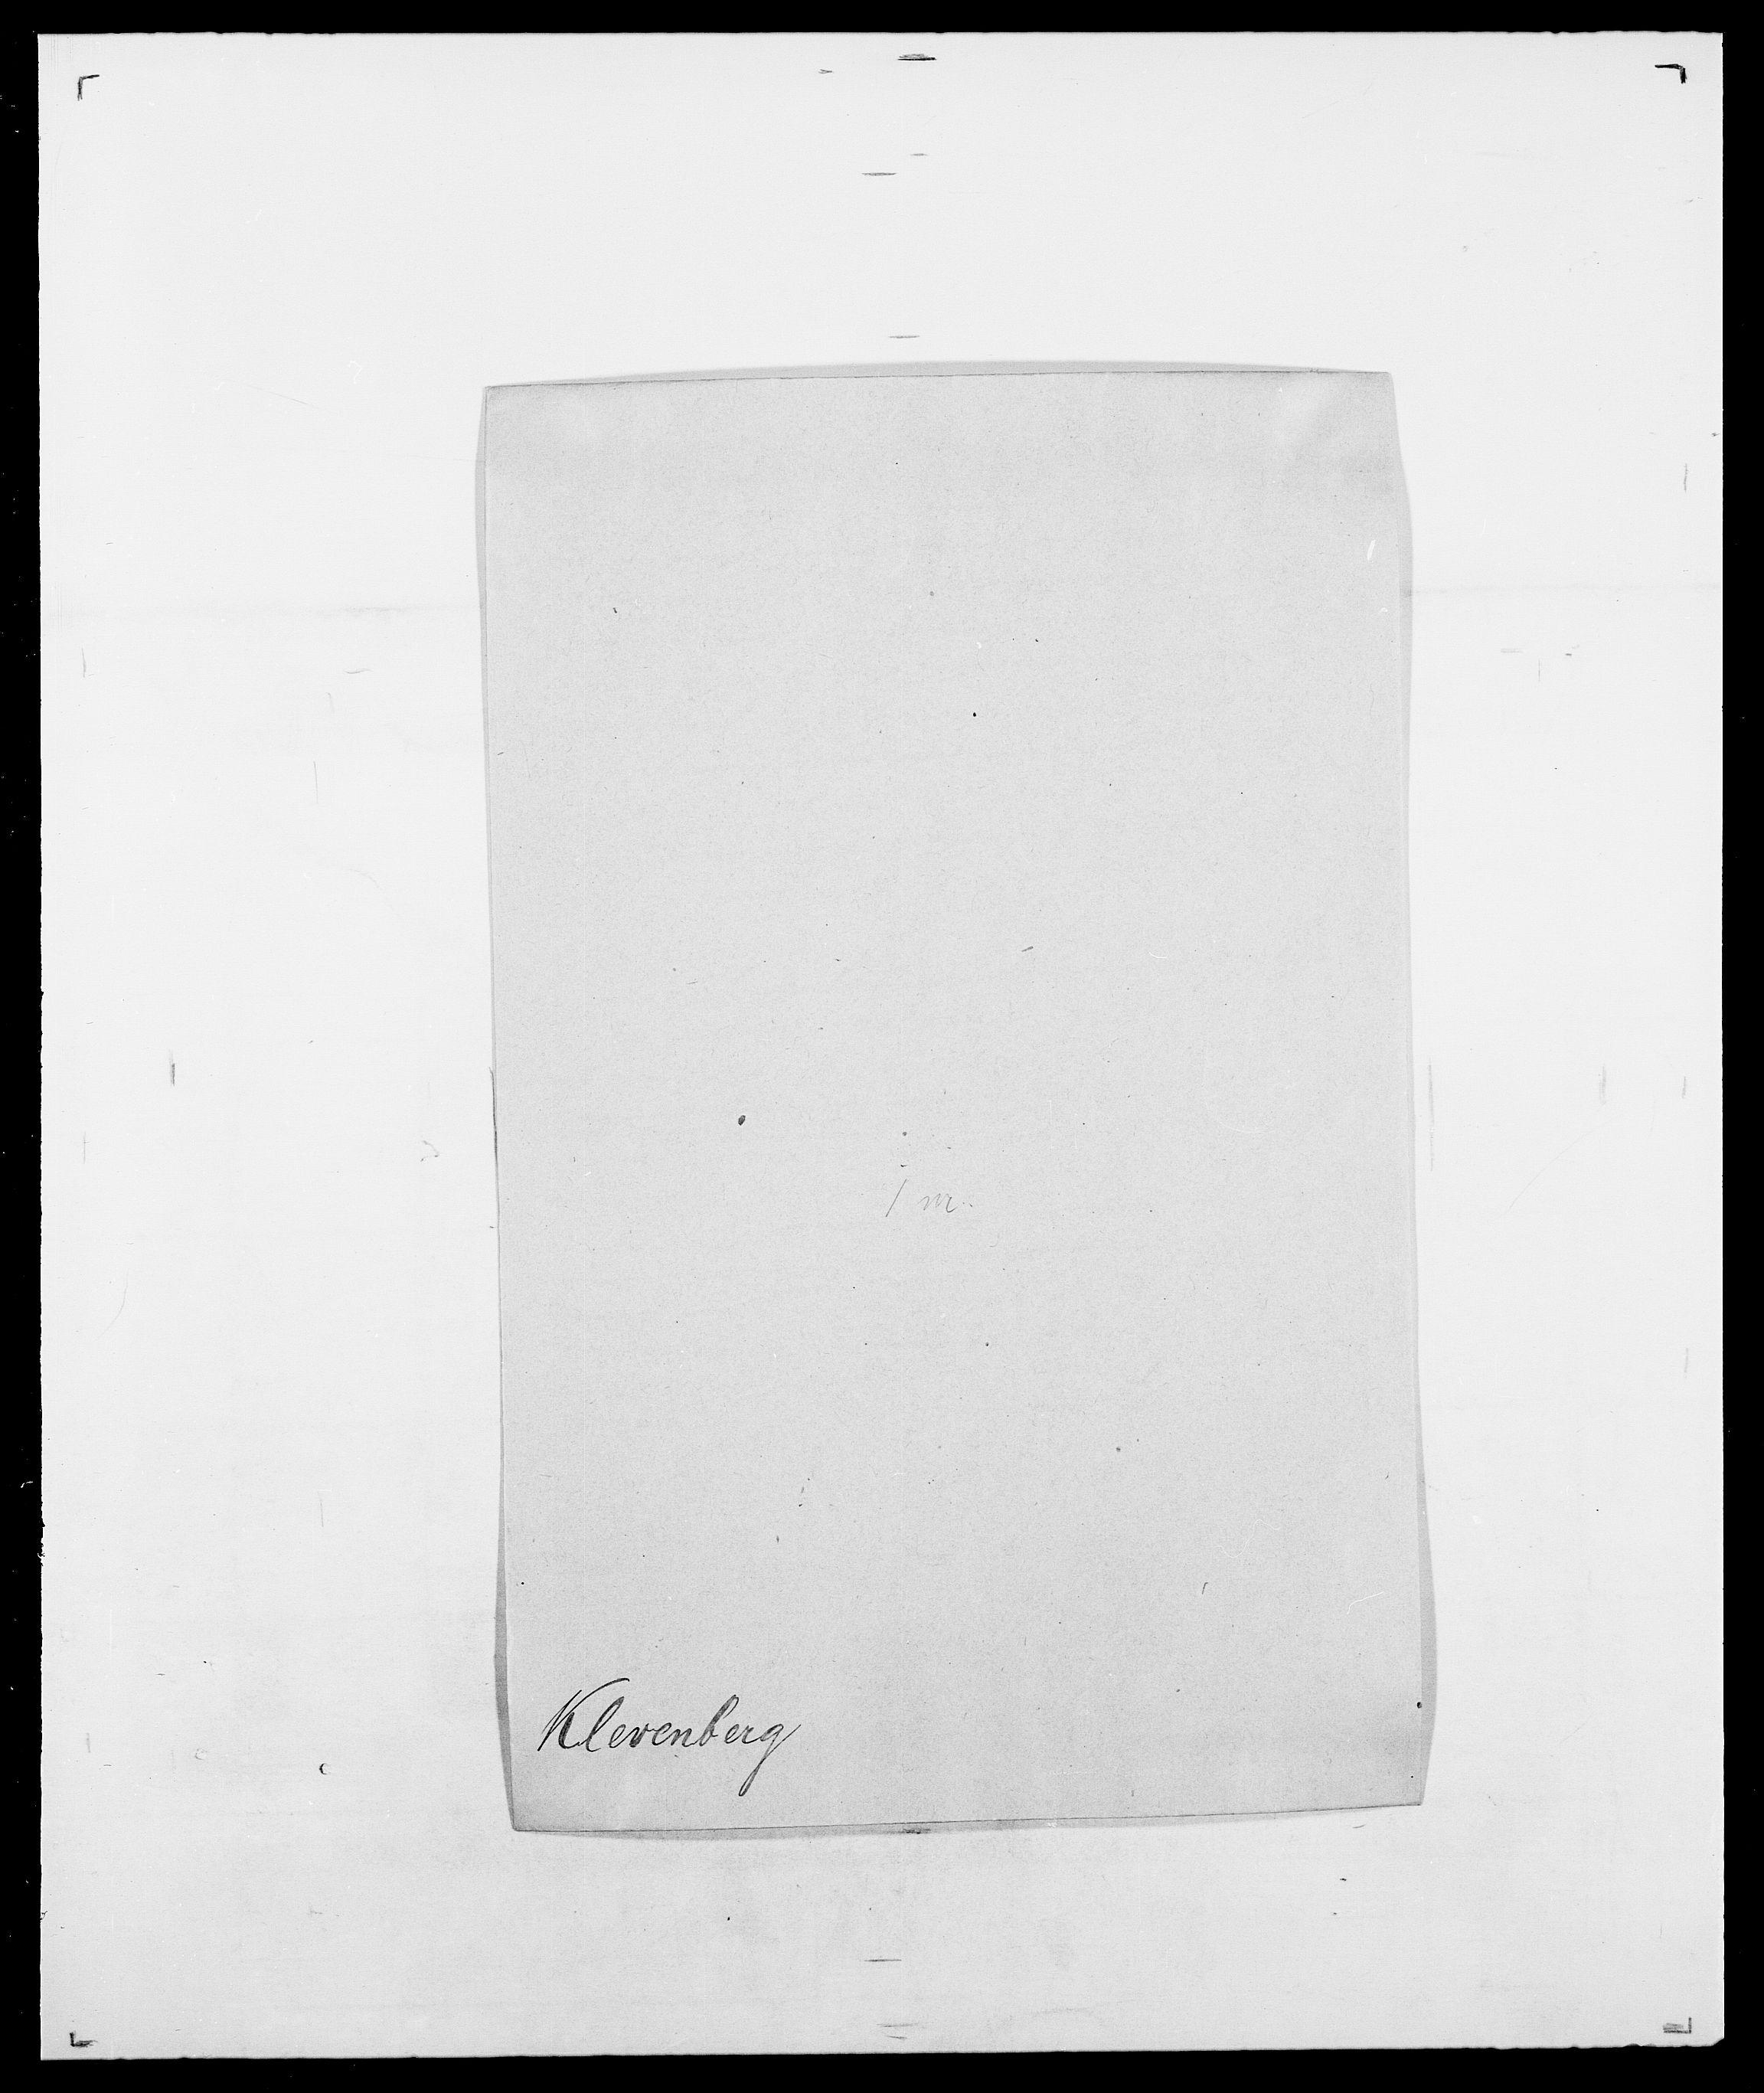 SAO, Delgobe, Charles Antoine - samling, D/Da/L0021: Klagenberg - Kristoft, s. 59